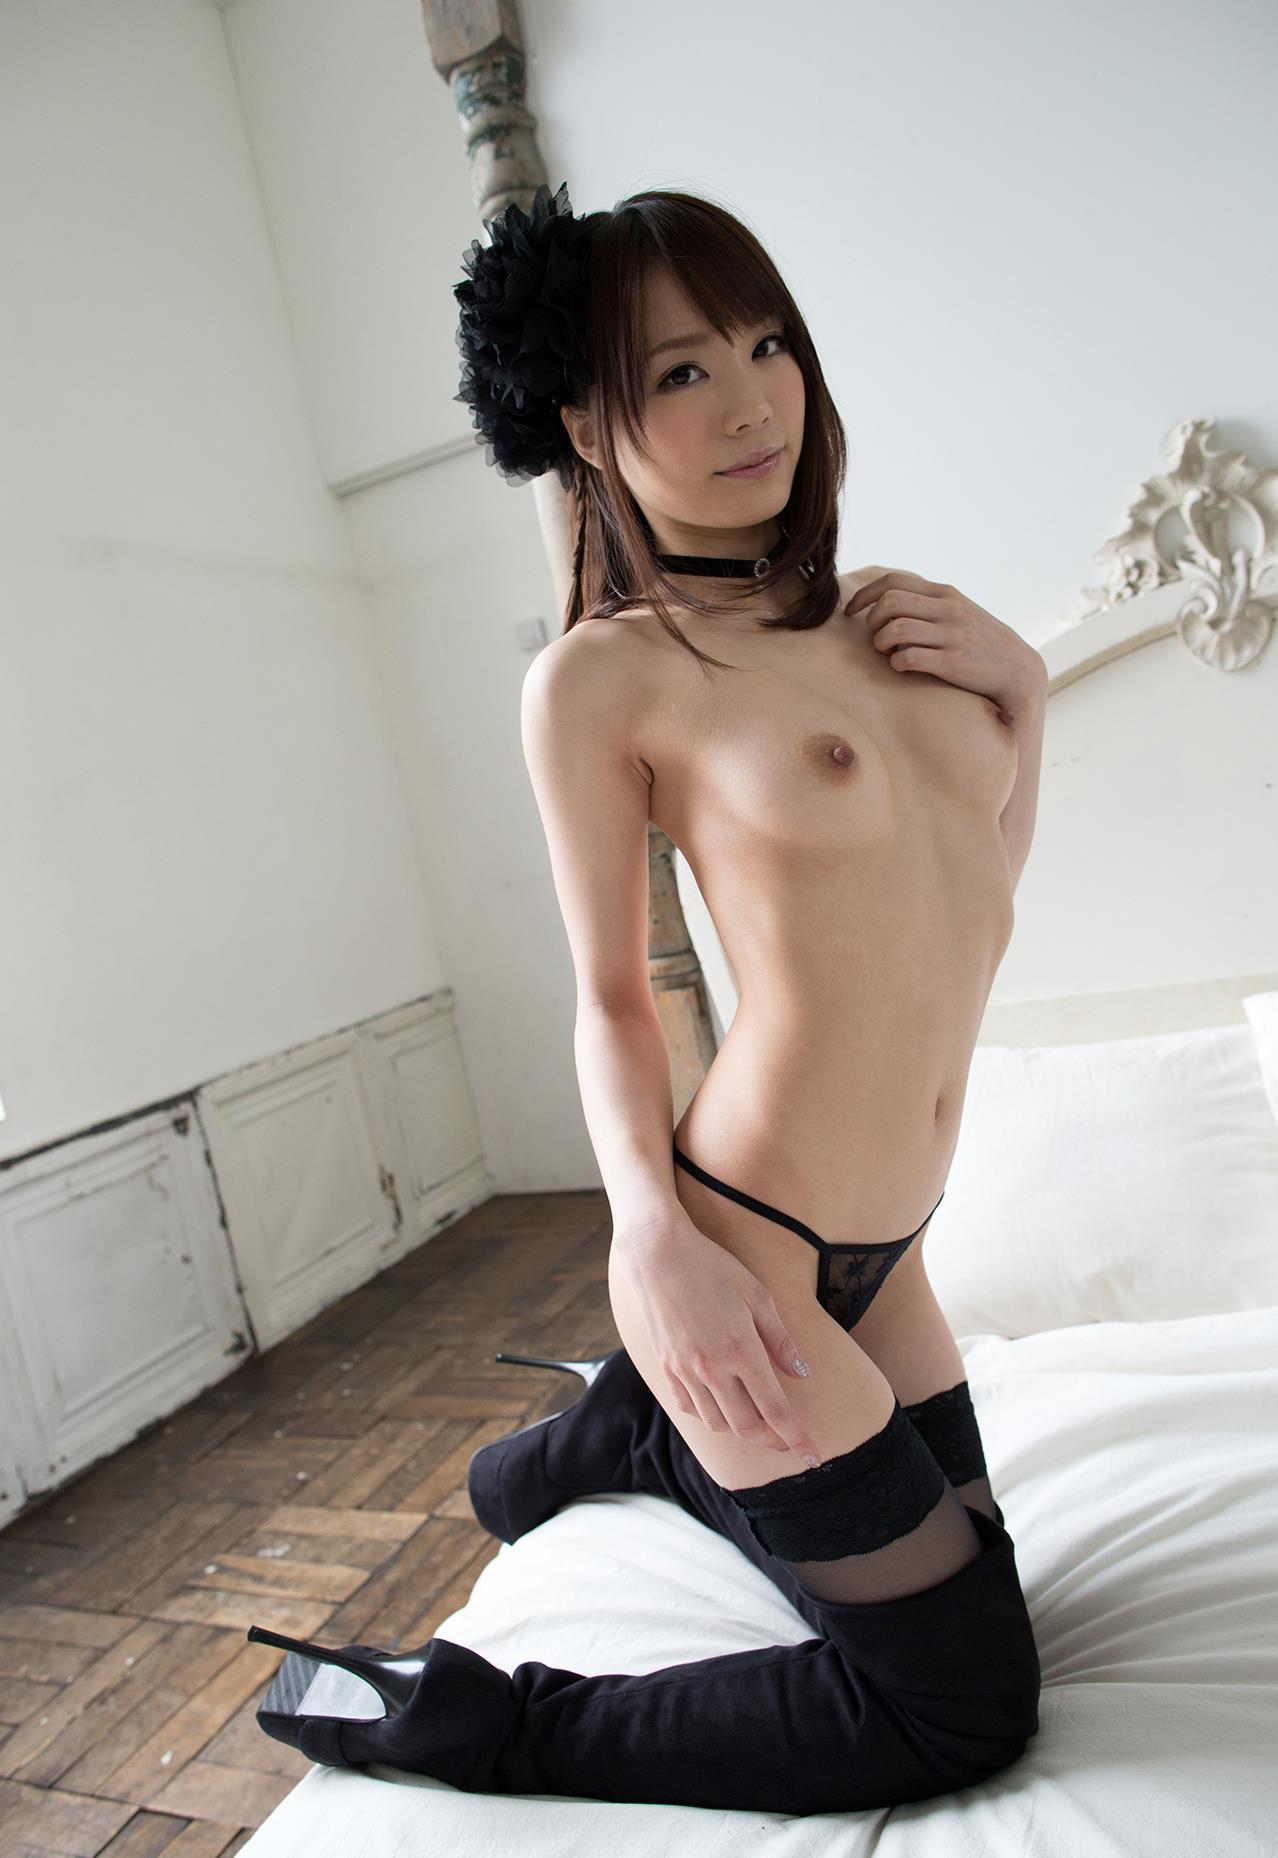 鈴村あいり 画像 60